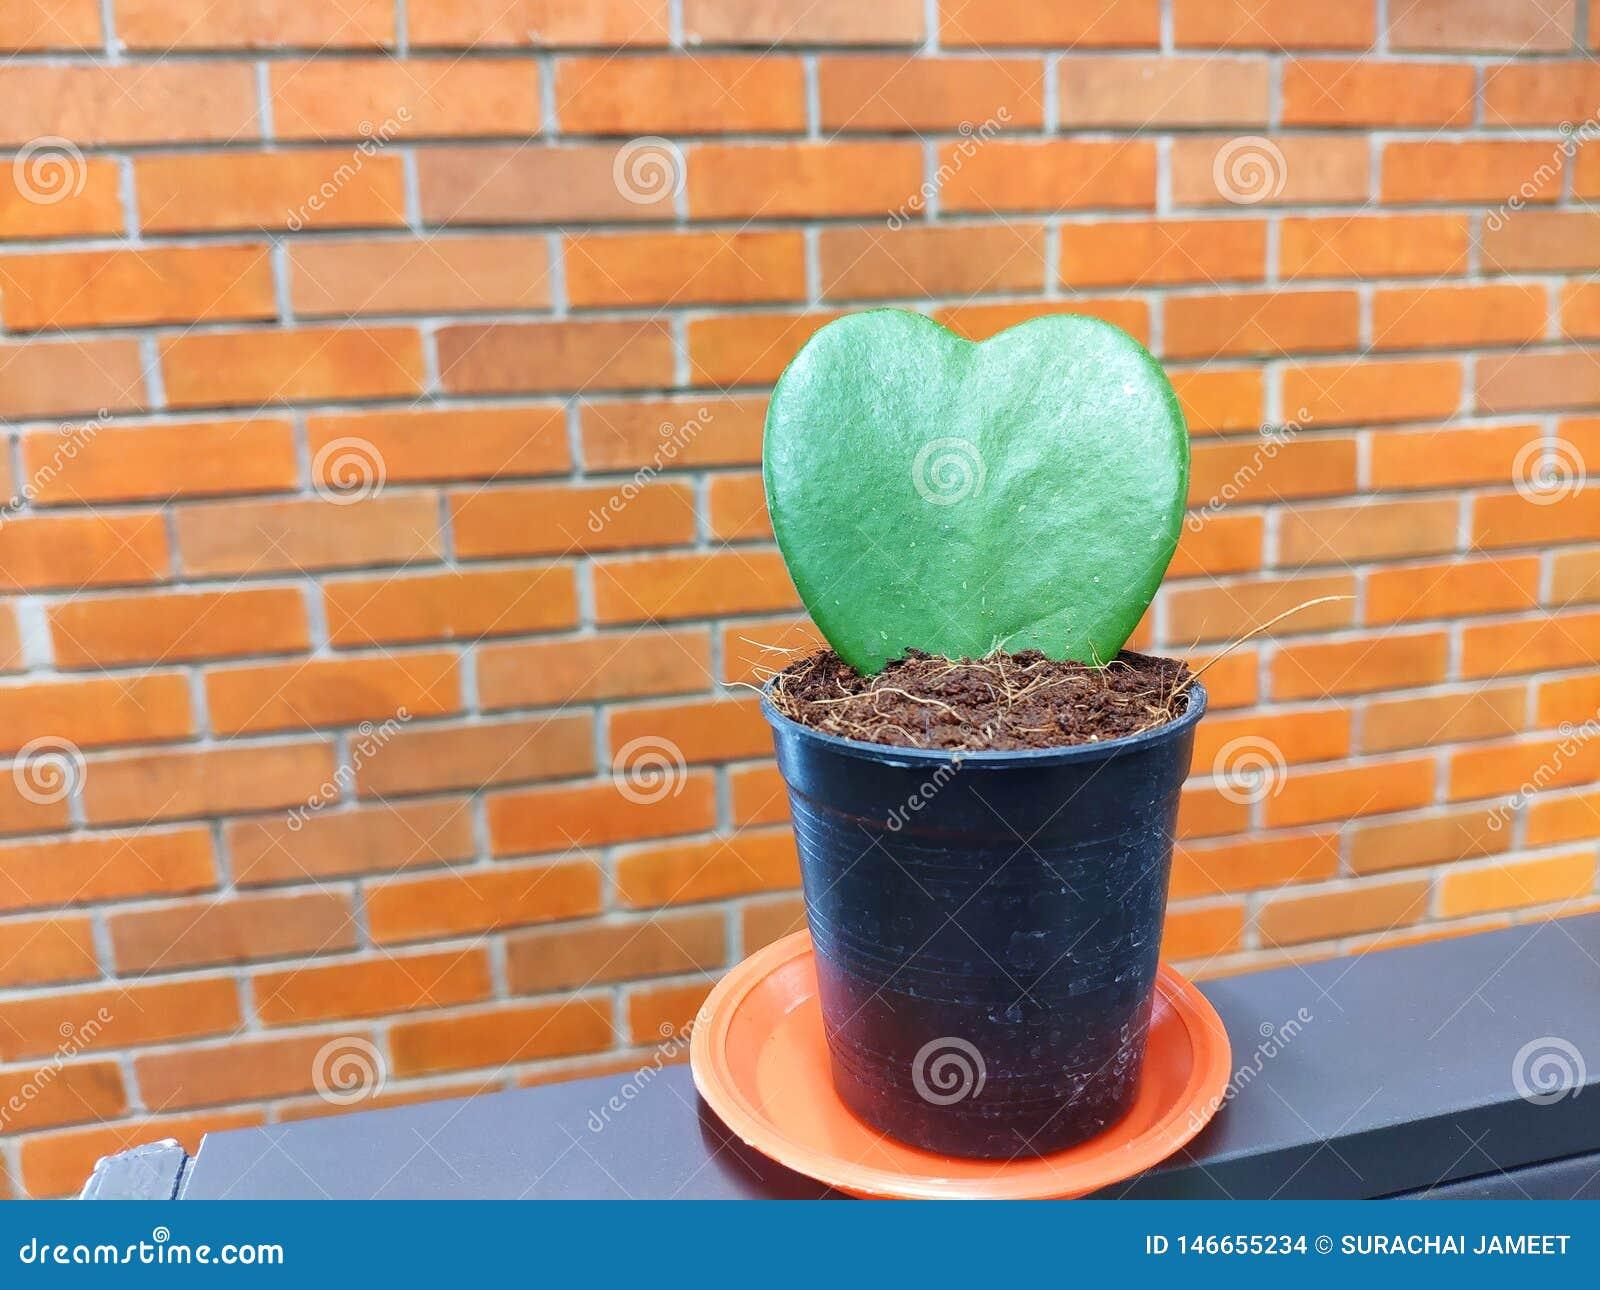 La forme verte de coeur du cactus est dans un pot noir avec un fond de mur de briques